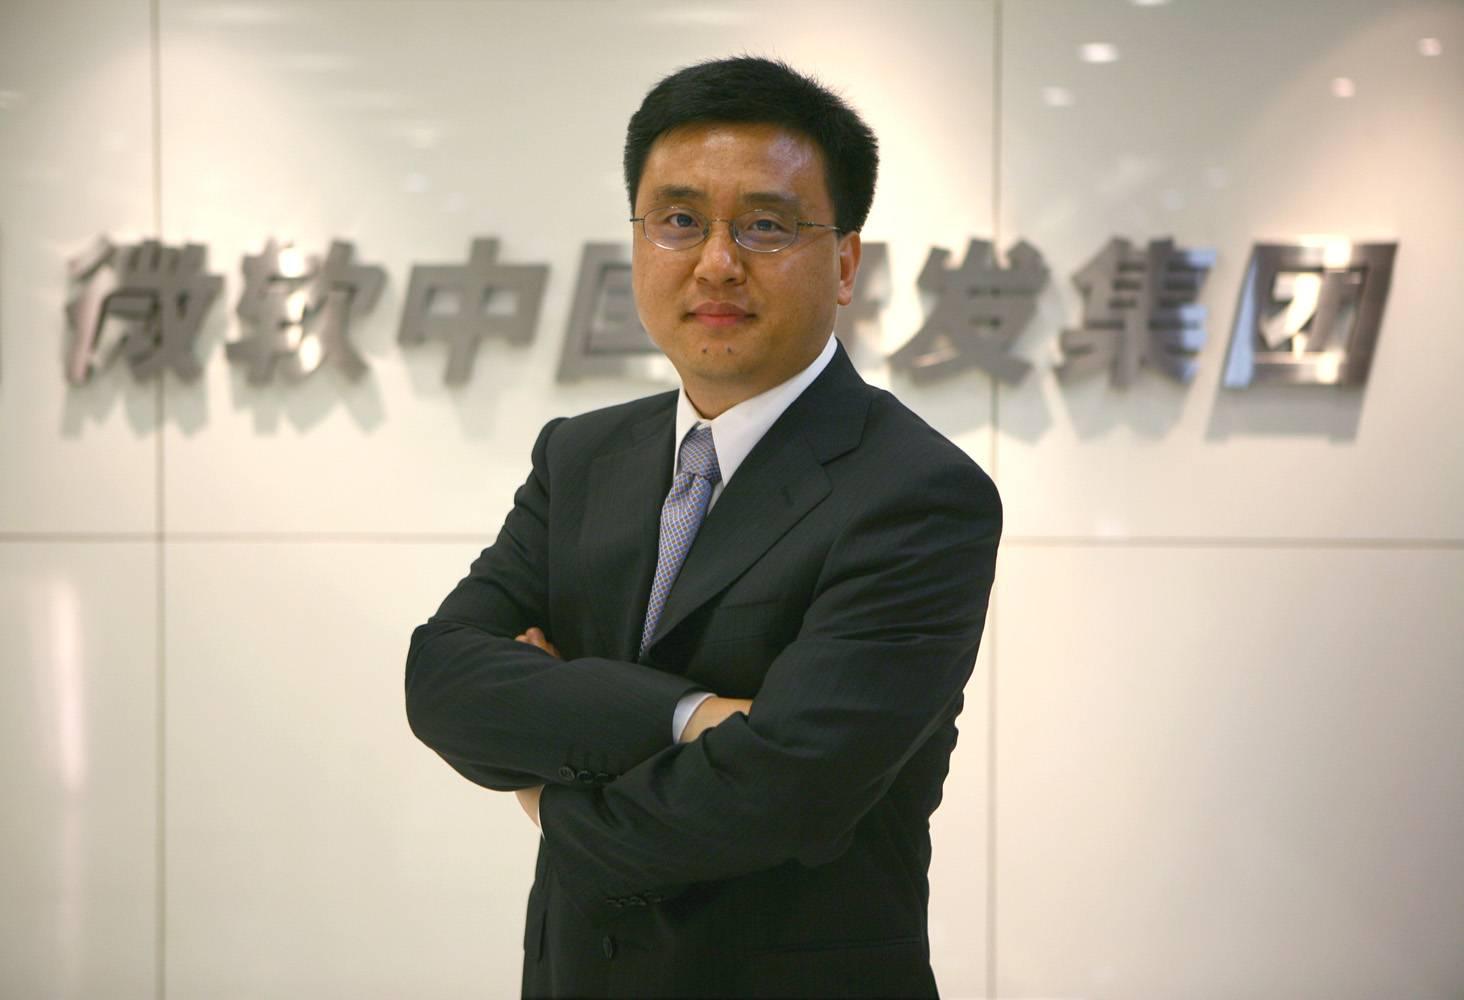 ZhangYaqin